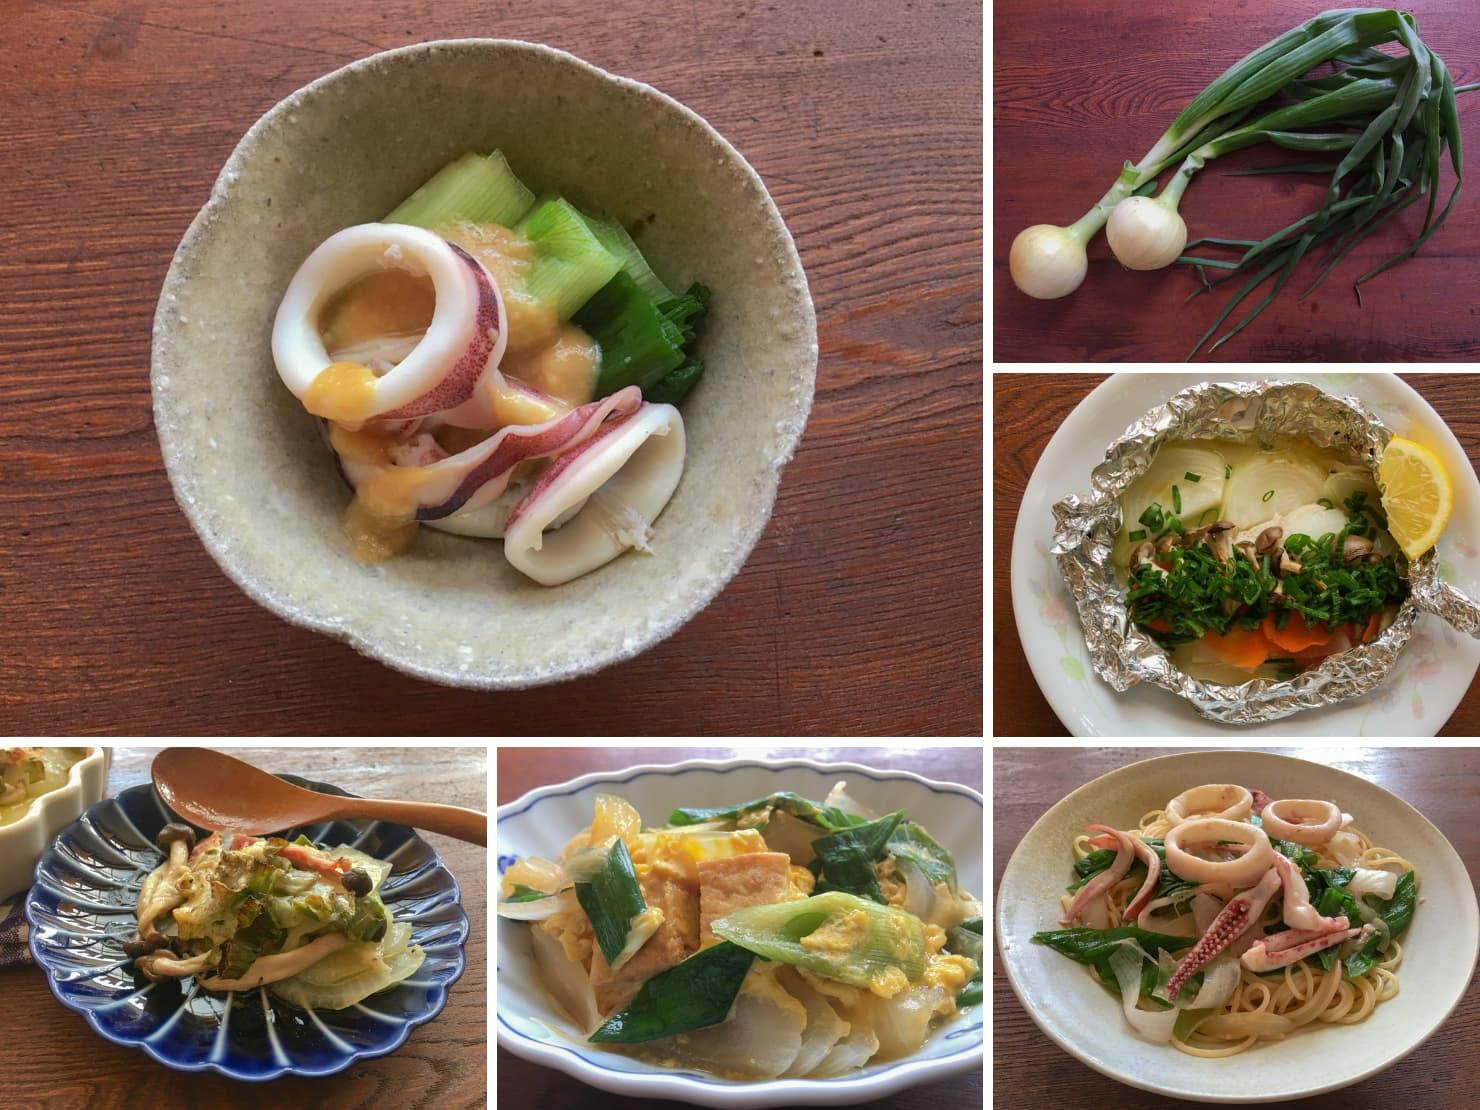 葉玉ねぎと葉玉ねぎの料理の写真